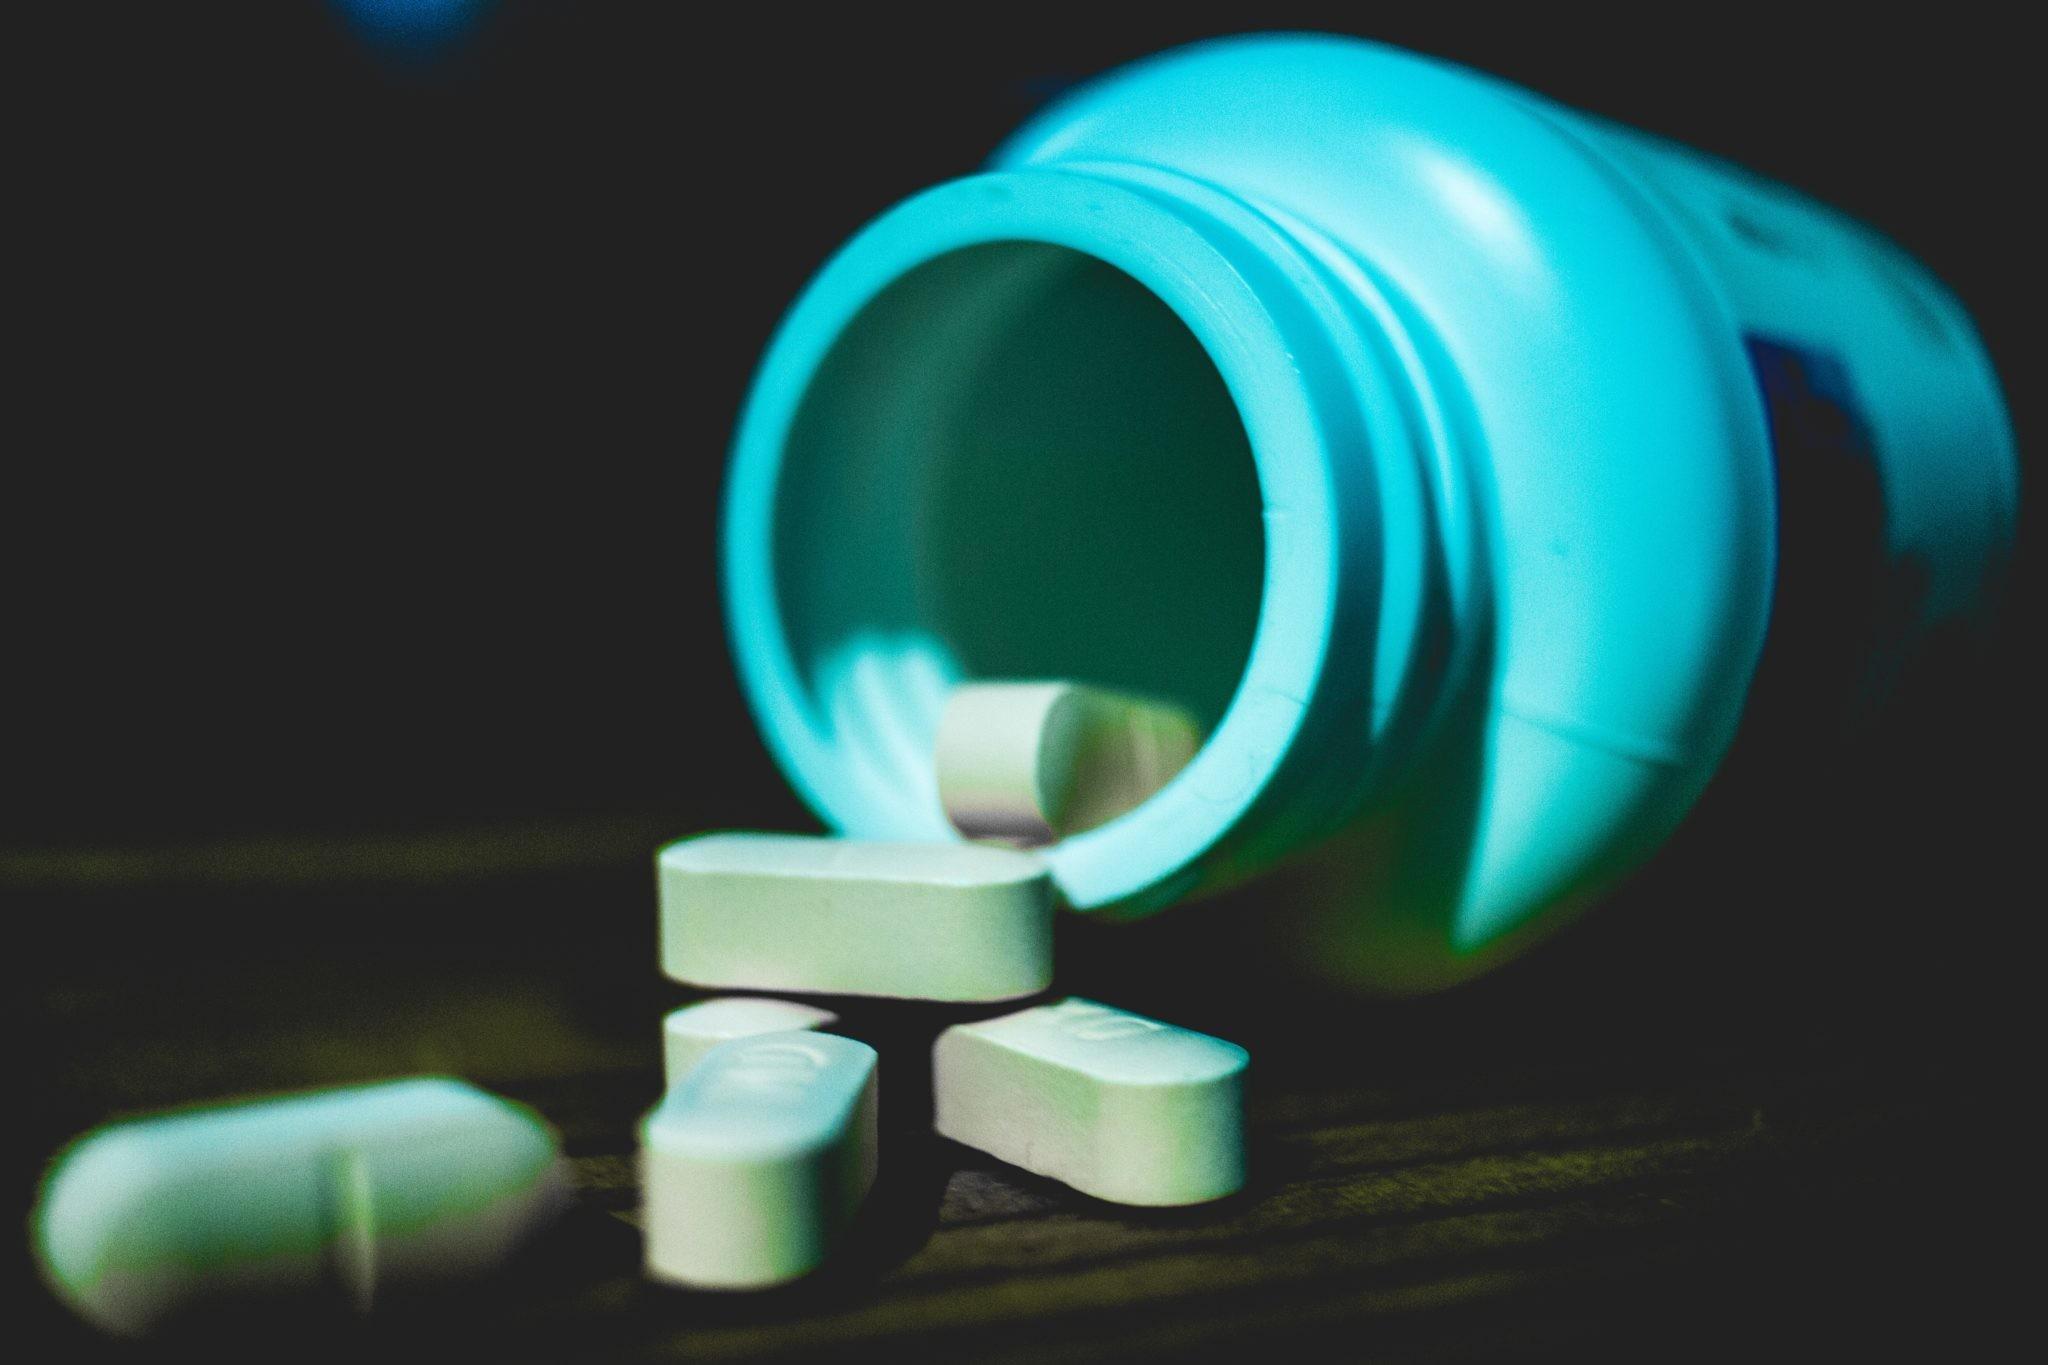 Вопрос дня: как принимать витамины, чтобы они лучше усвоились?